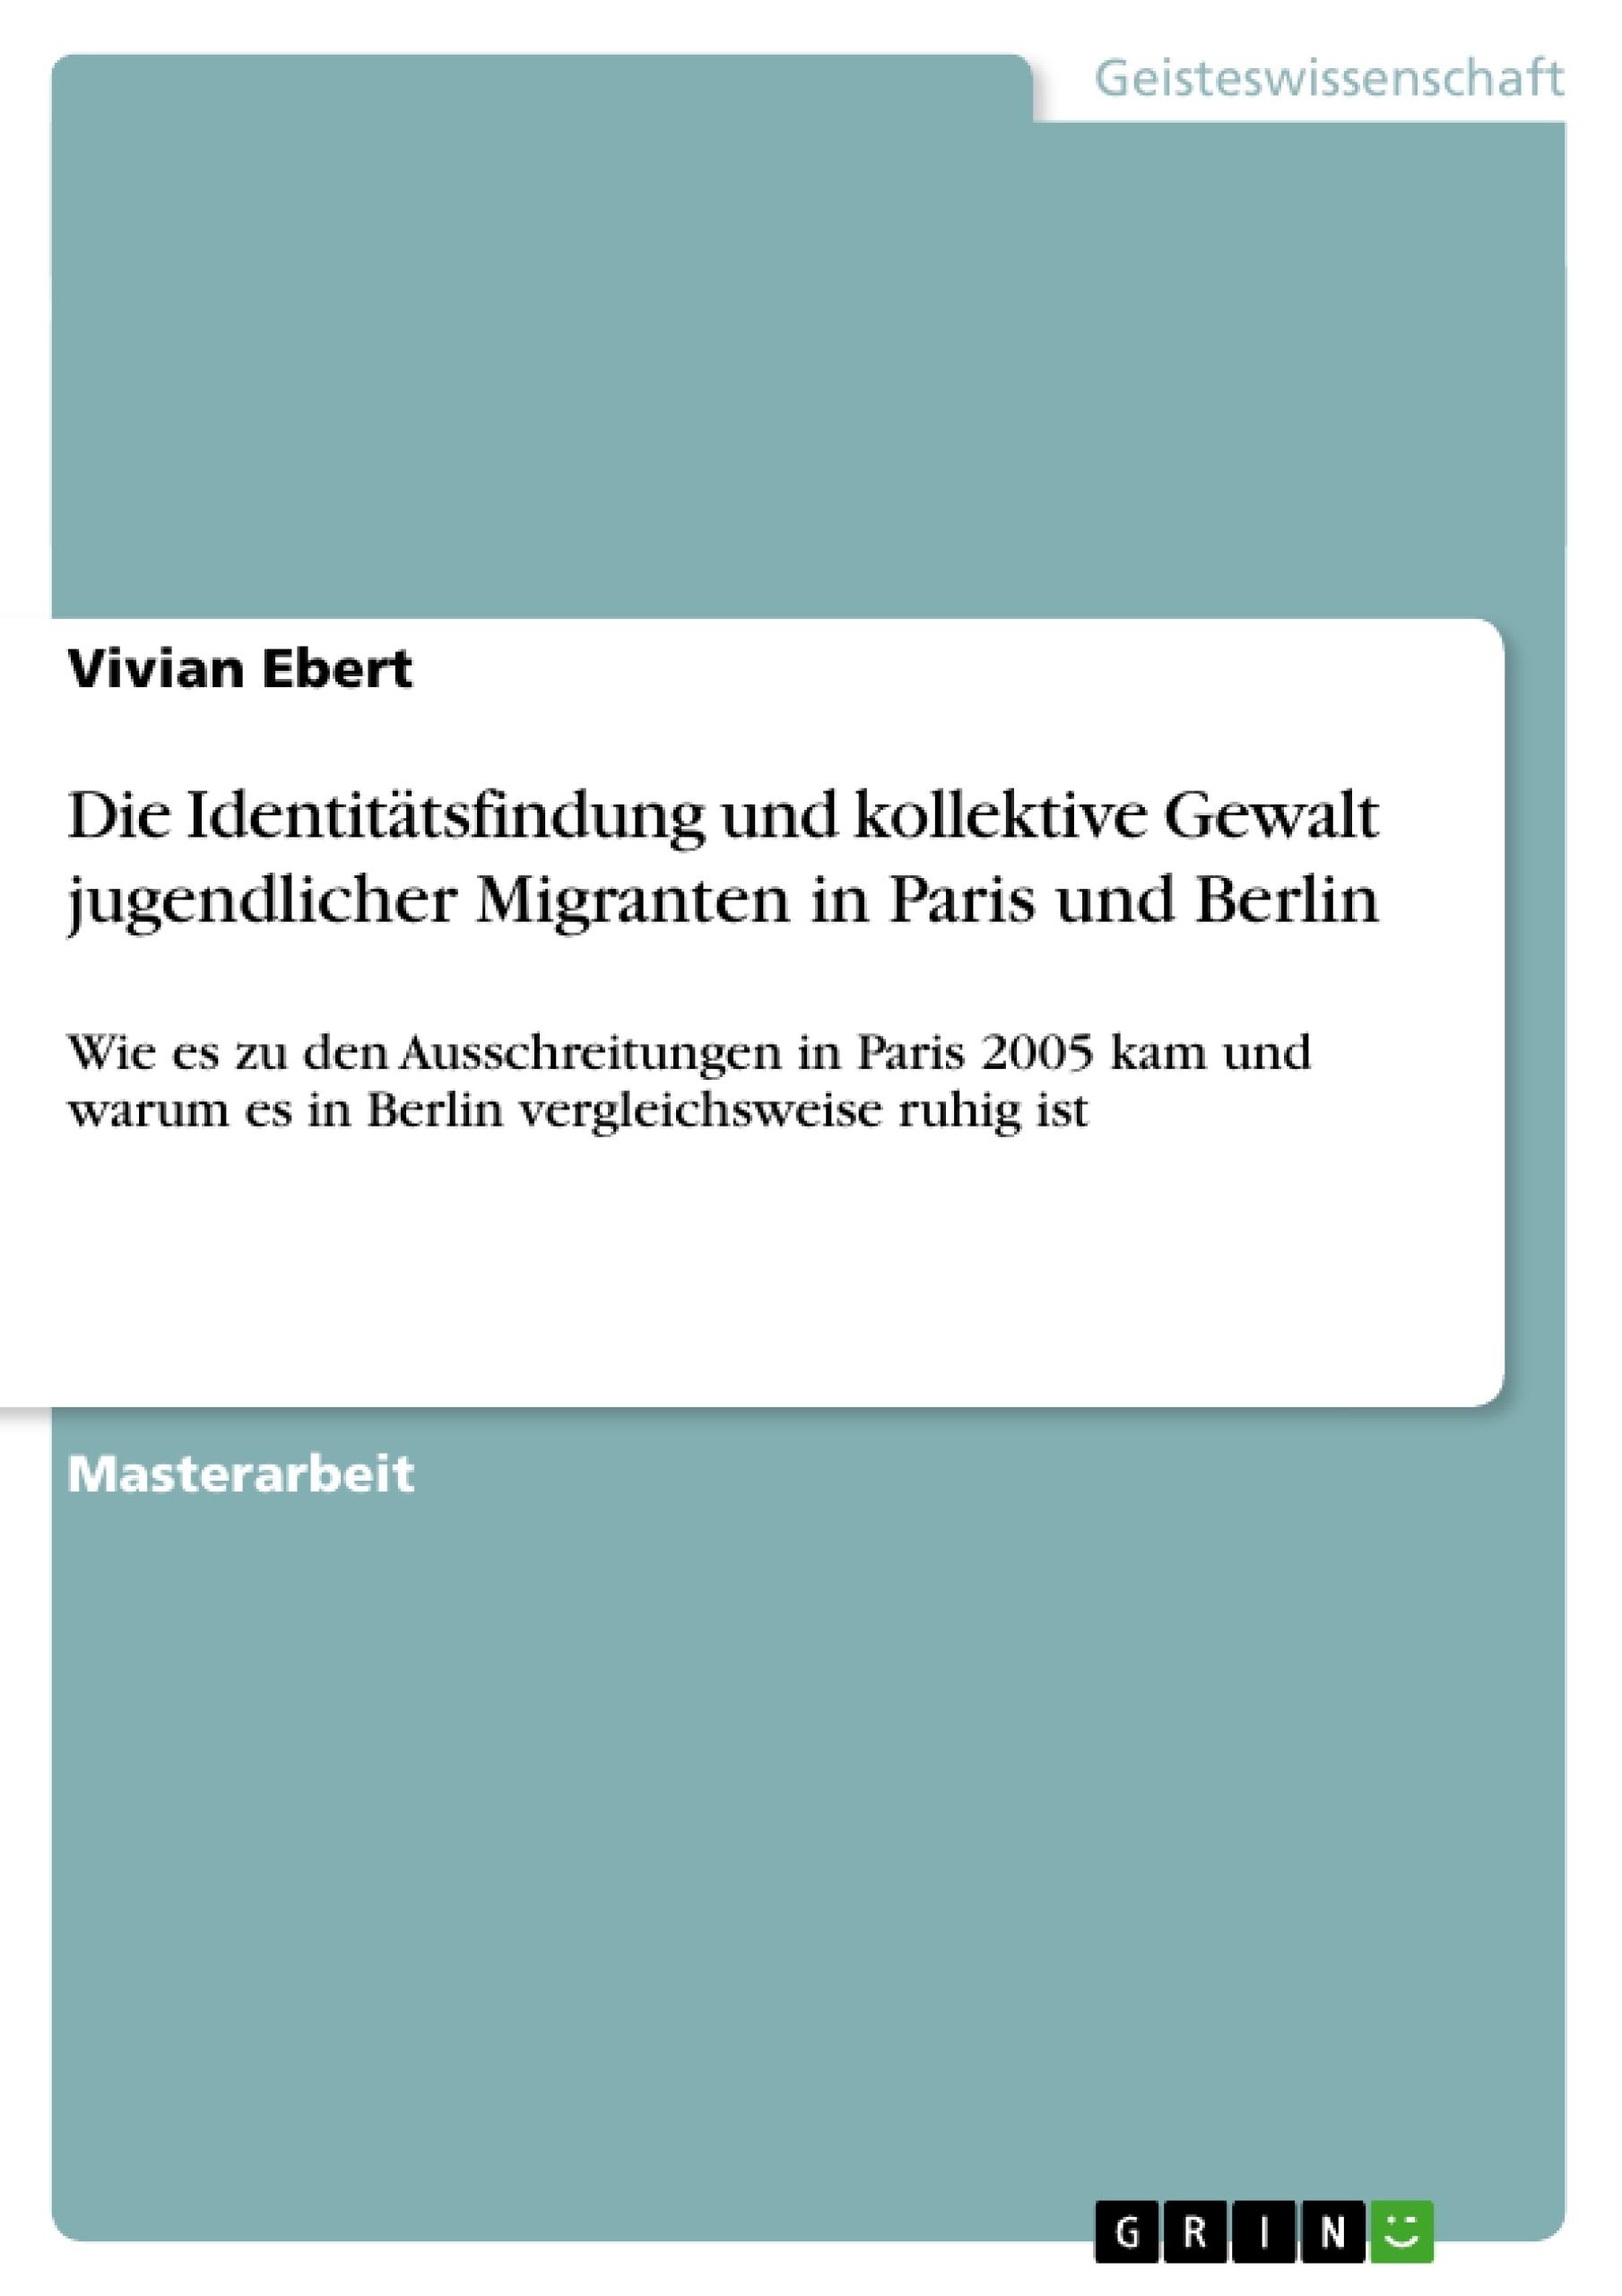 Titel: Die Identitätsfindung und kollektive Gewalt jugendlicher Migranten in Paris und Berlin